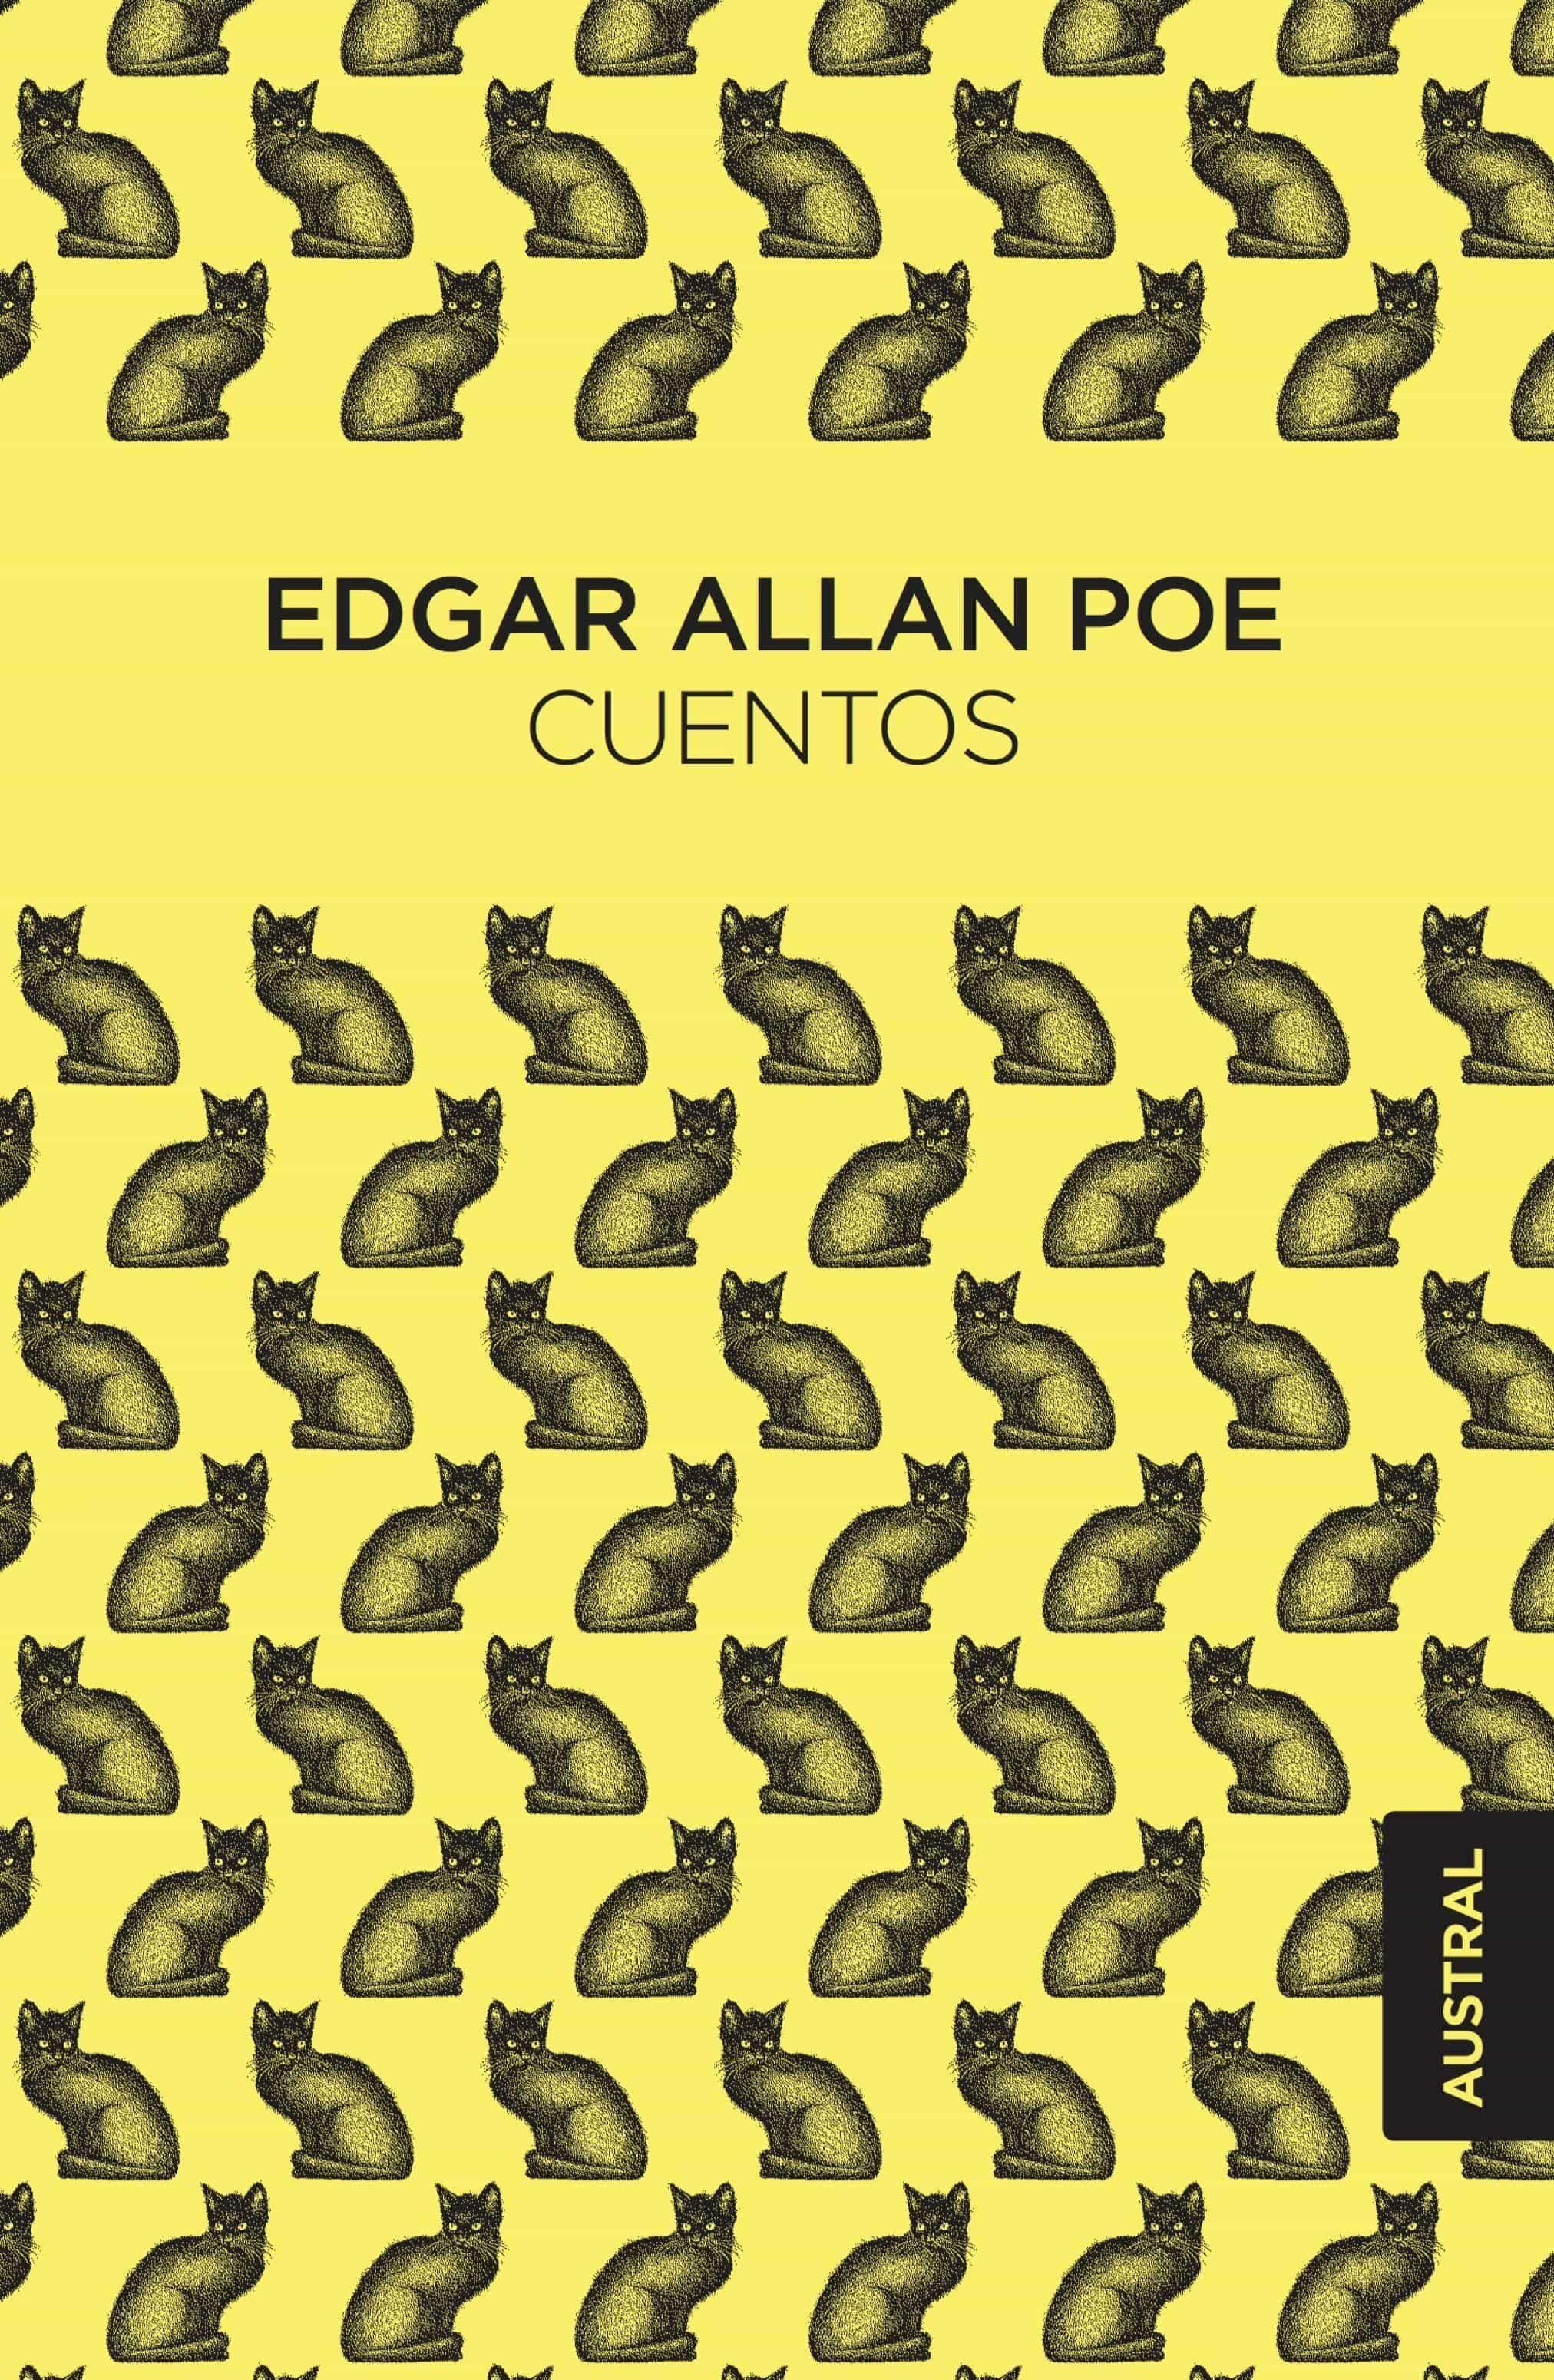 cuentos-edgar allan poe-9788467052527